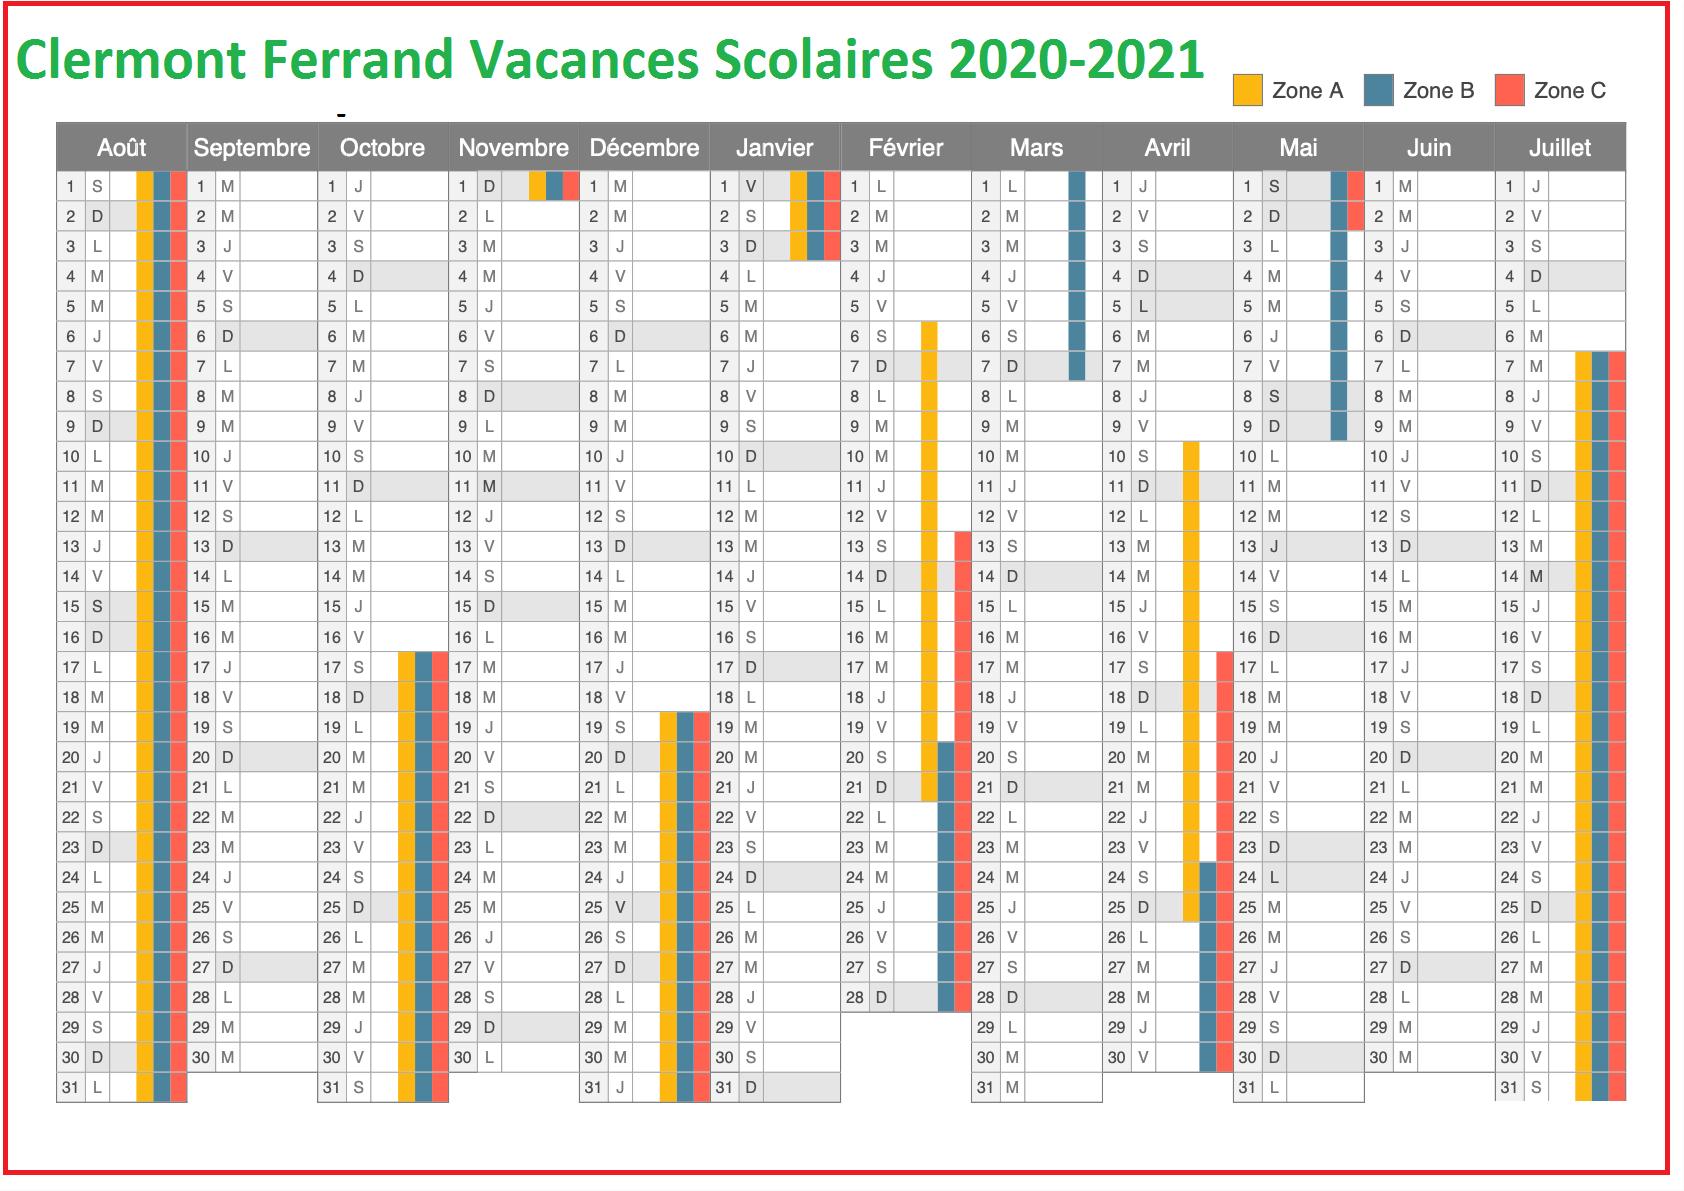 Vacances Scolaires 2020 Academie Clermont Ferrand